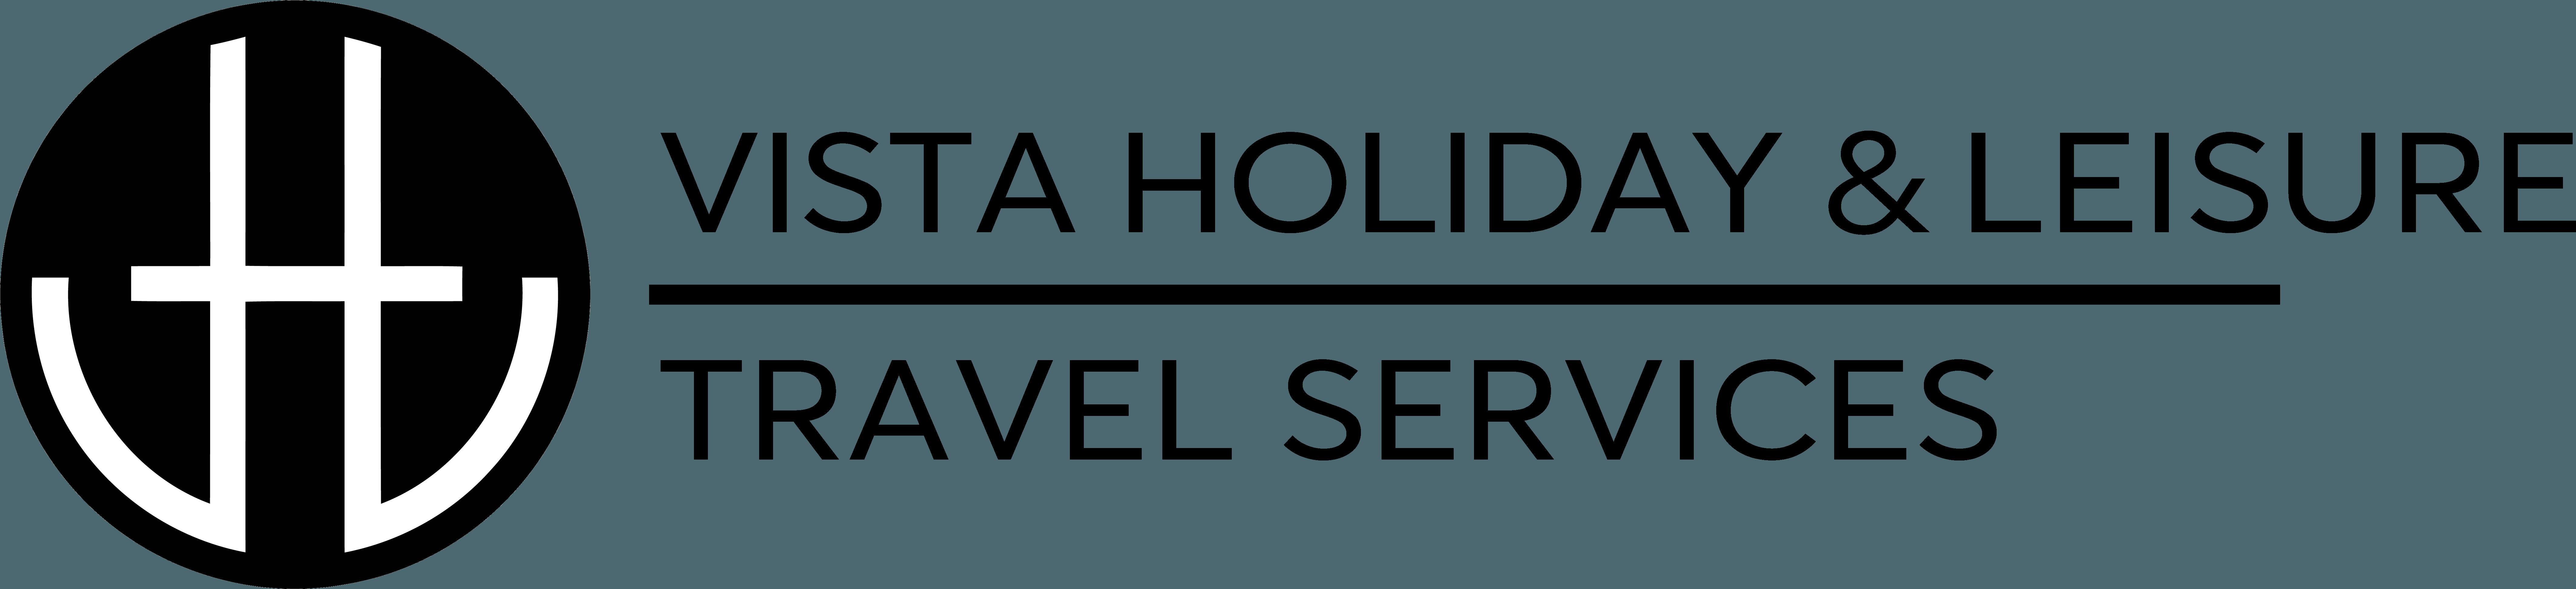 Vista holiday logo